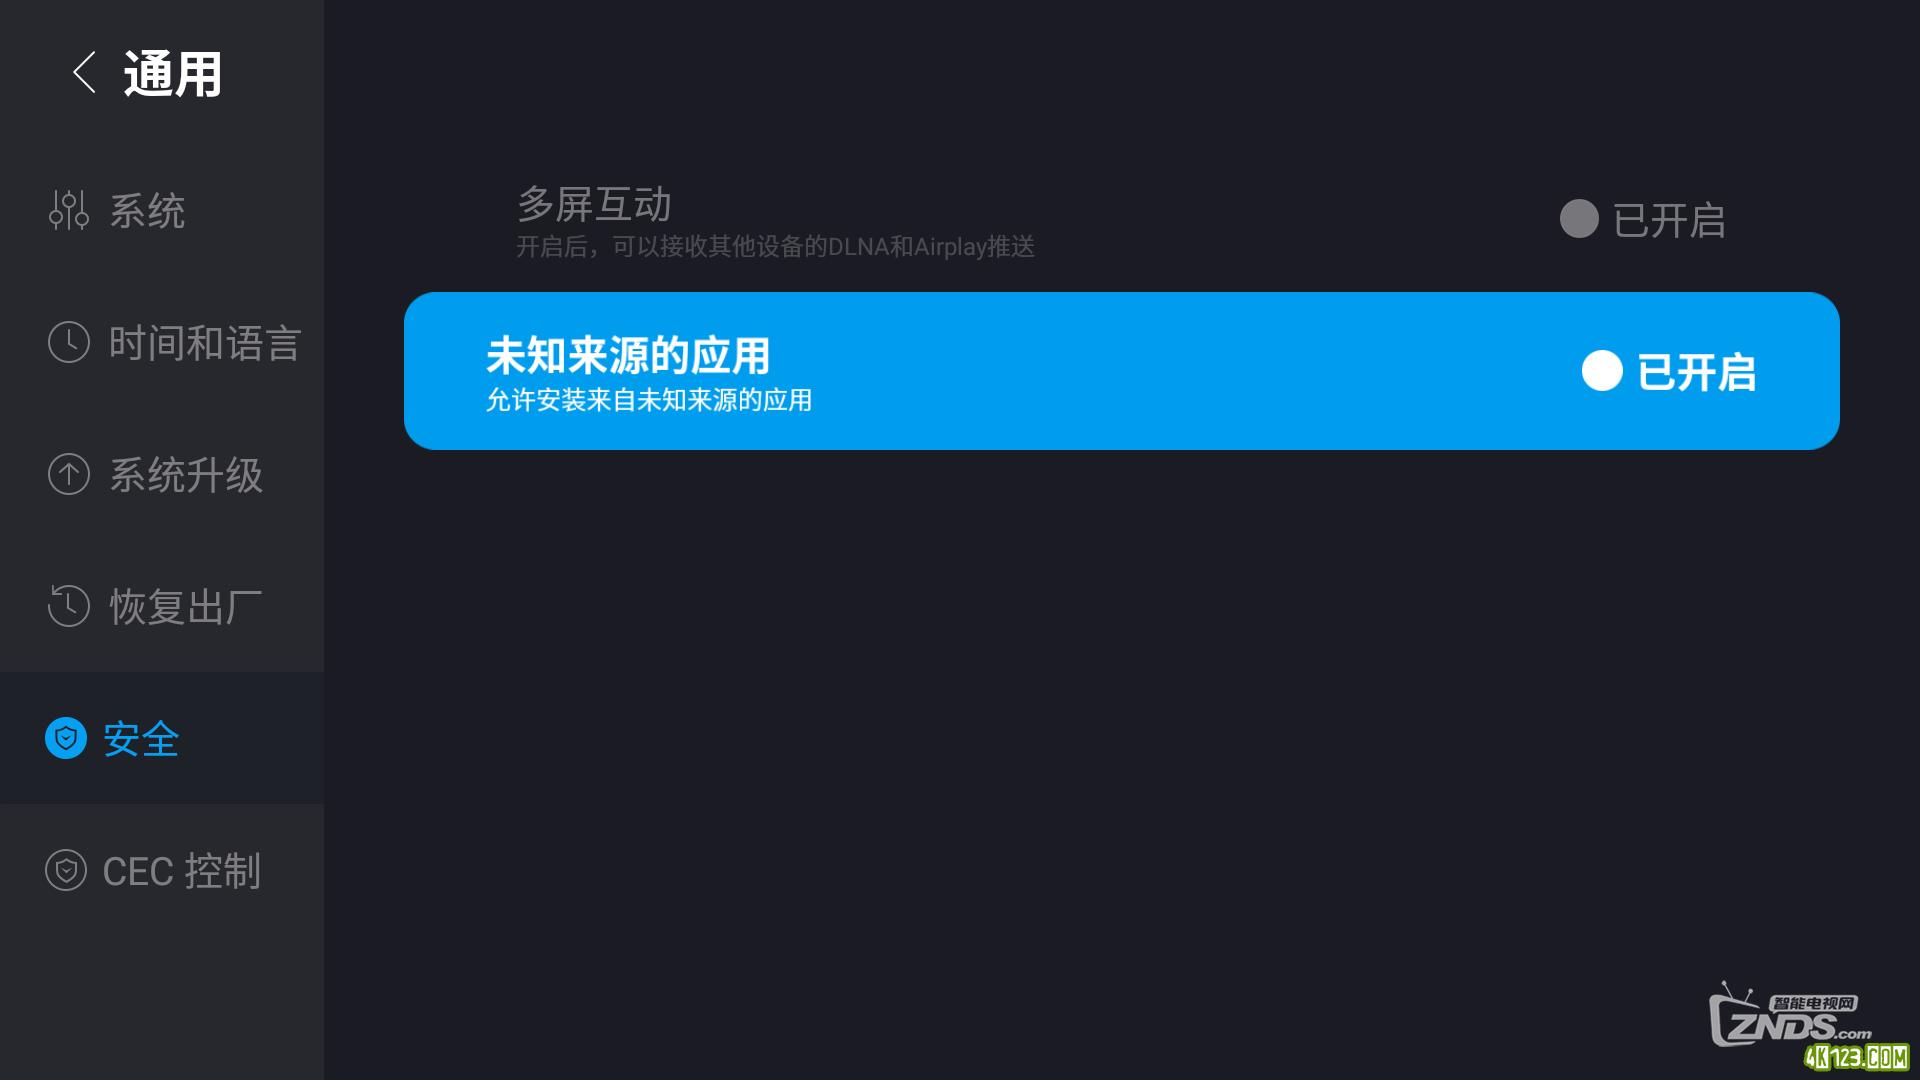 乐视盒子提示不支持打开该文件类型 装不了apk文件怎么办?